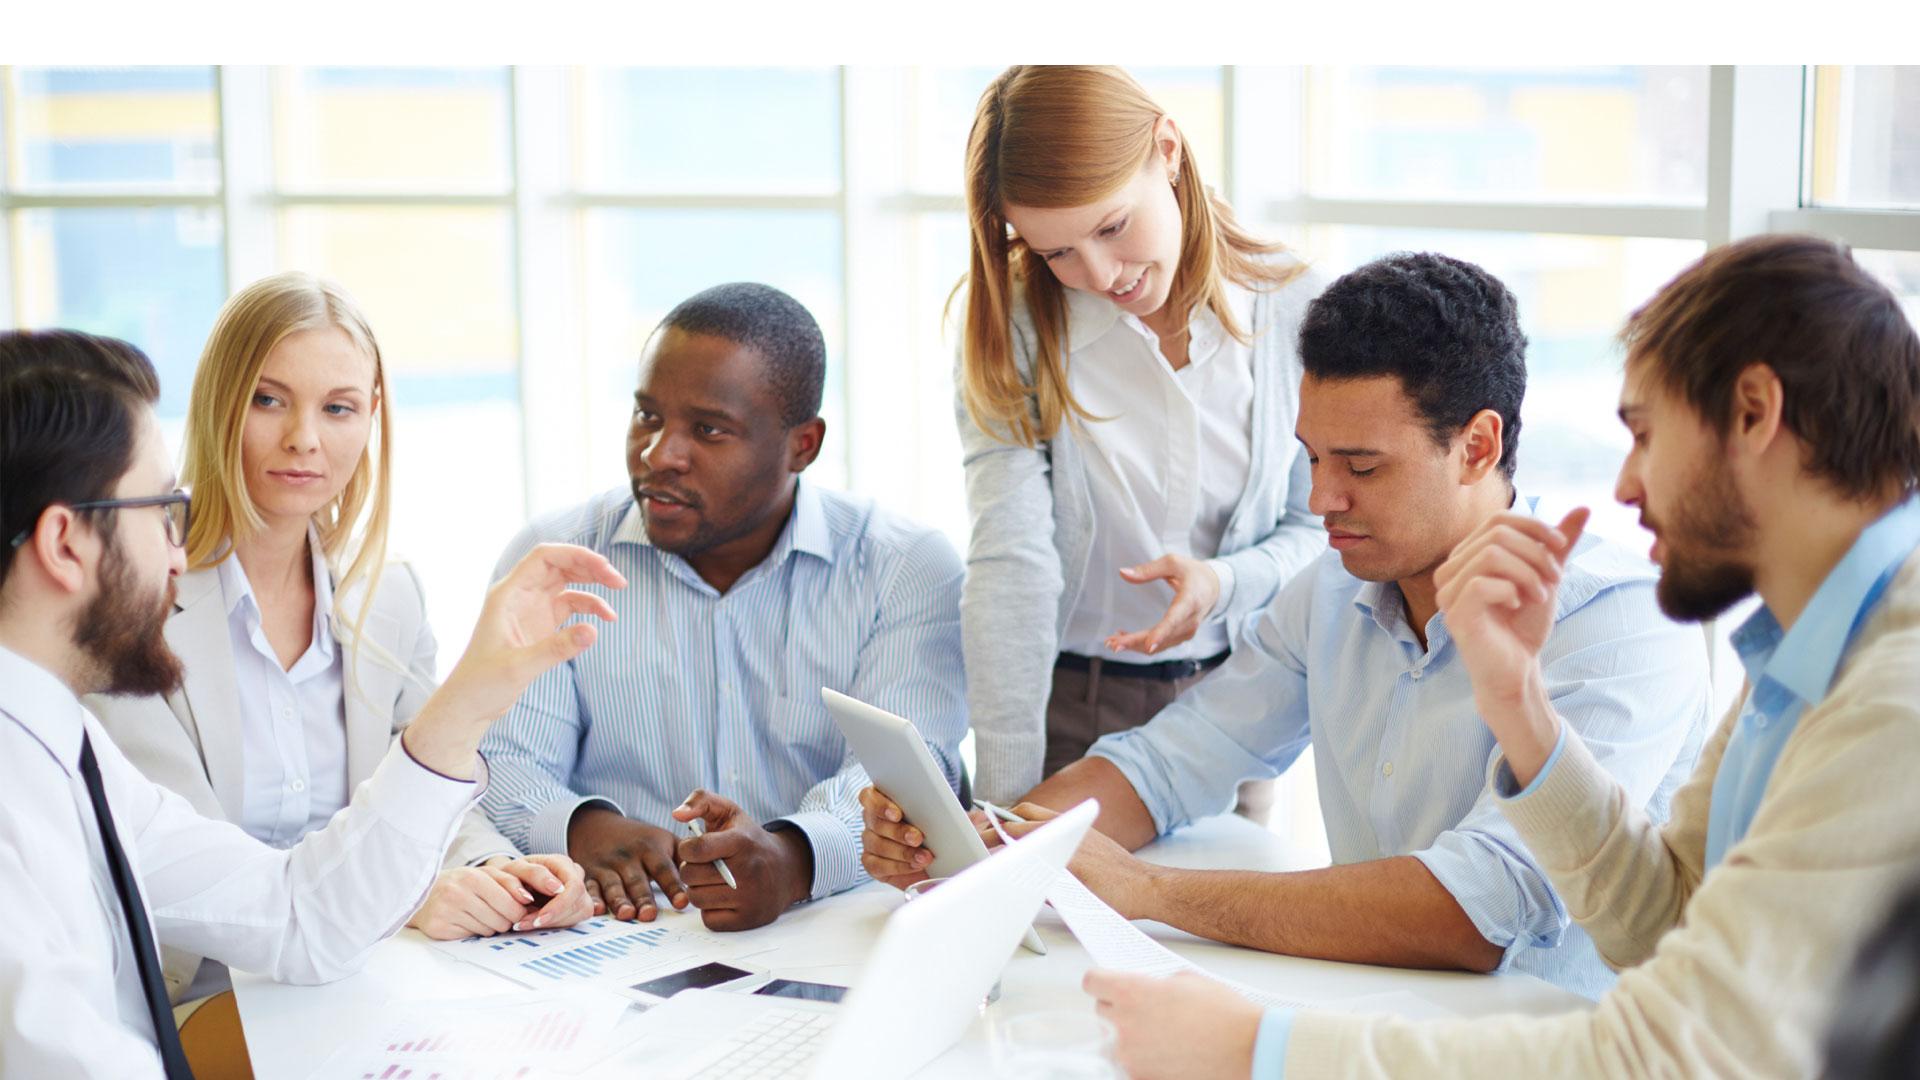 Lo ideal es crear un plan de ventas y fijar objetivos a corto, mediano y largo plazo